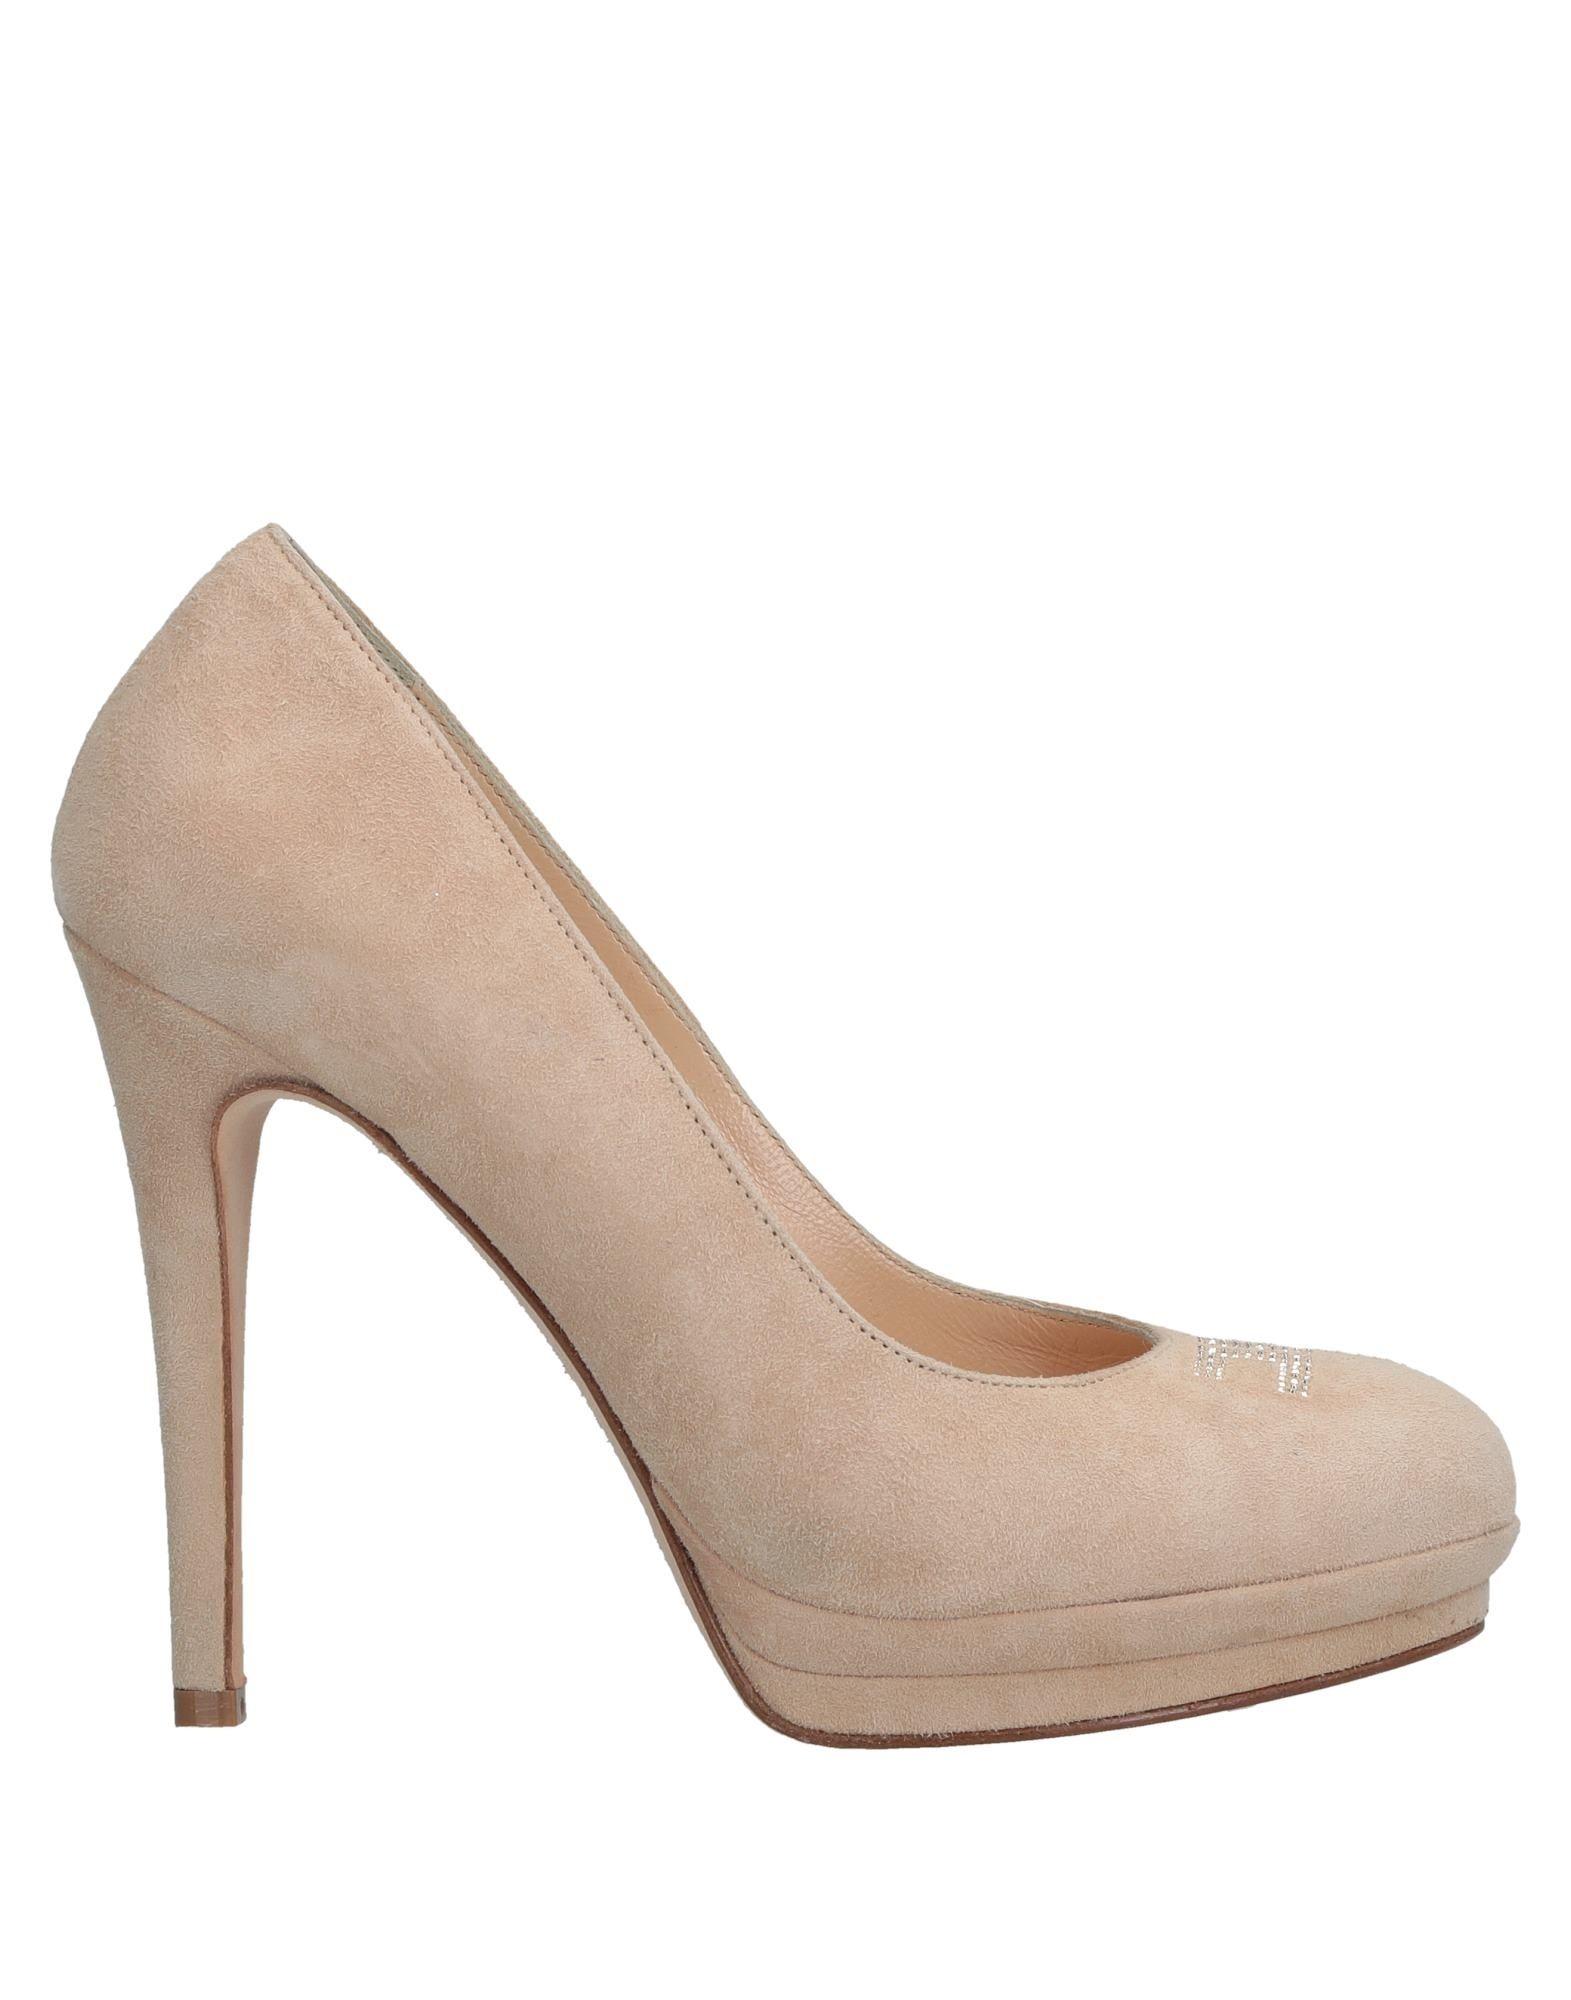 Rabatt Schuhe Elisabetta Franchi Pumps Damen  11240039TT